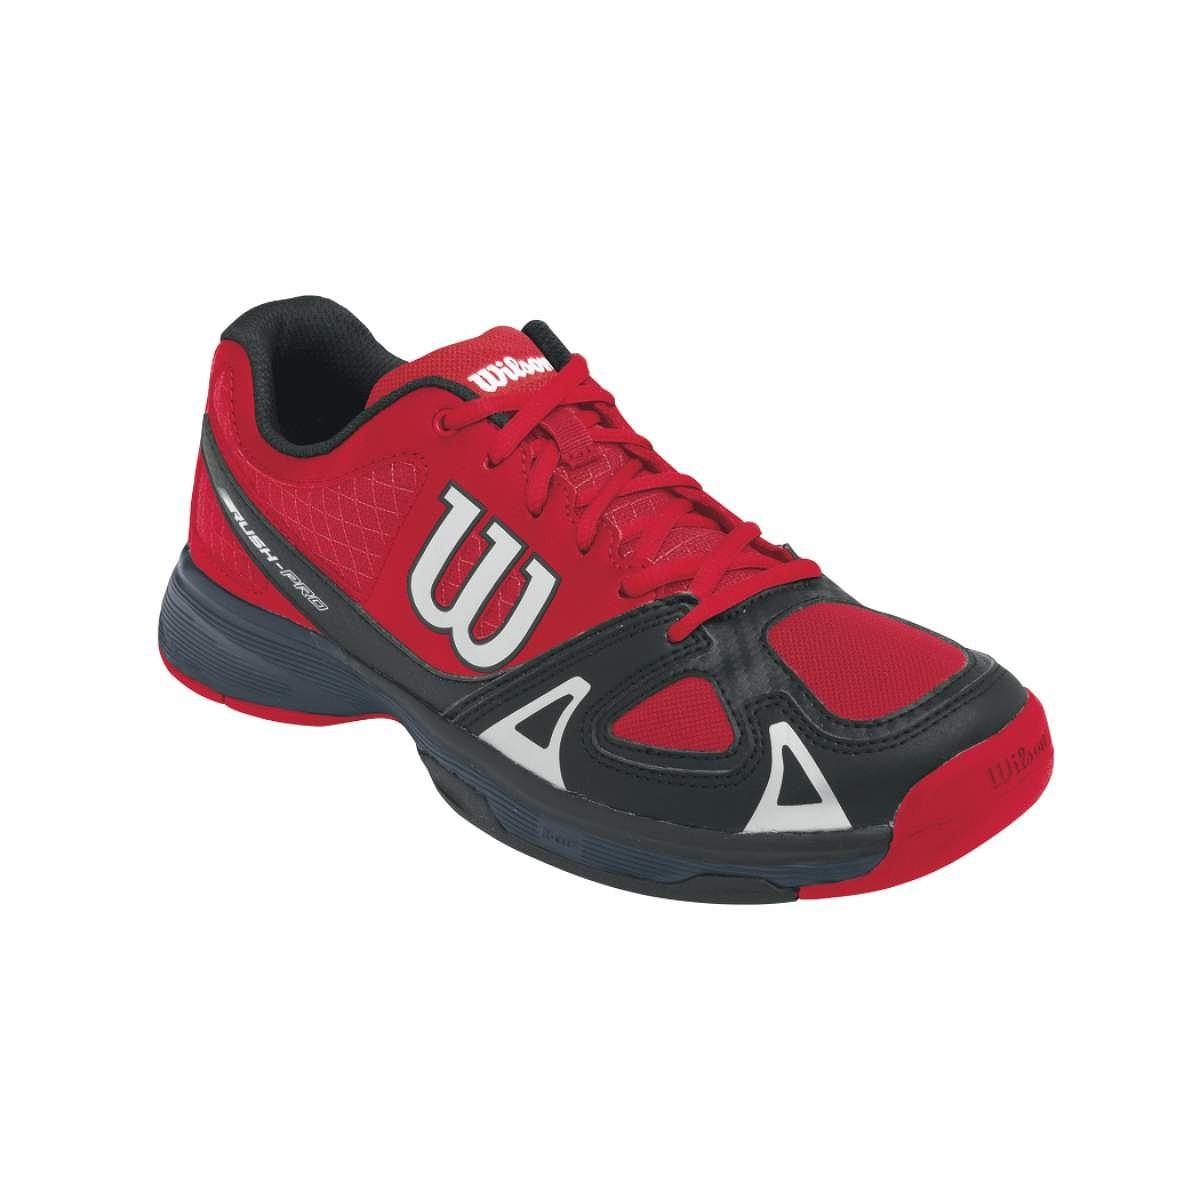 Buty tenisowe Wilson Rush Pro 2.0 Junior - Wyprzedaż!